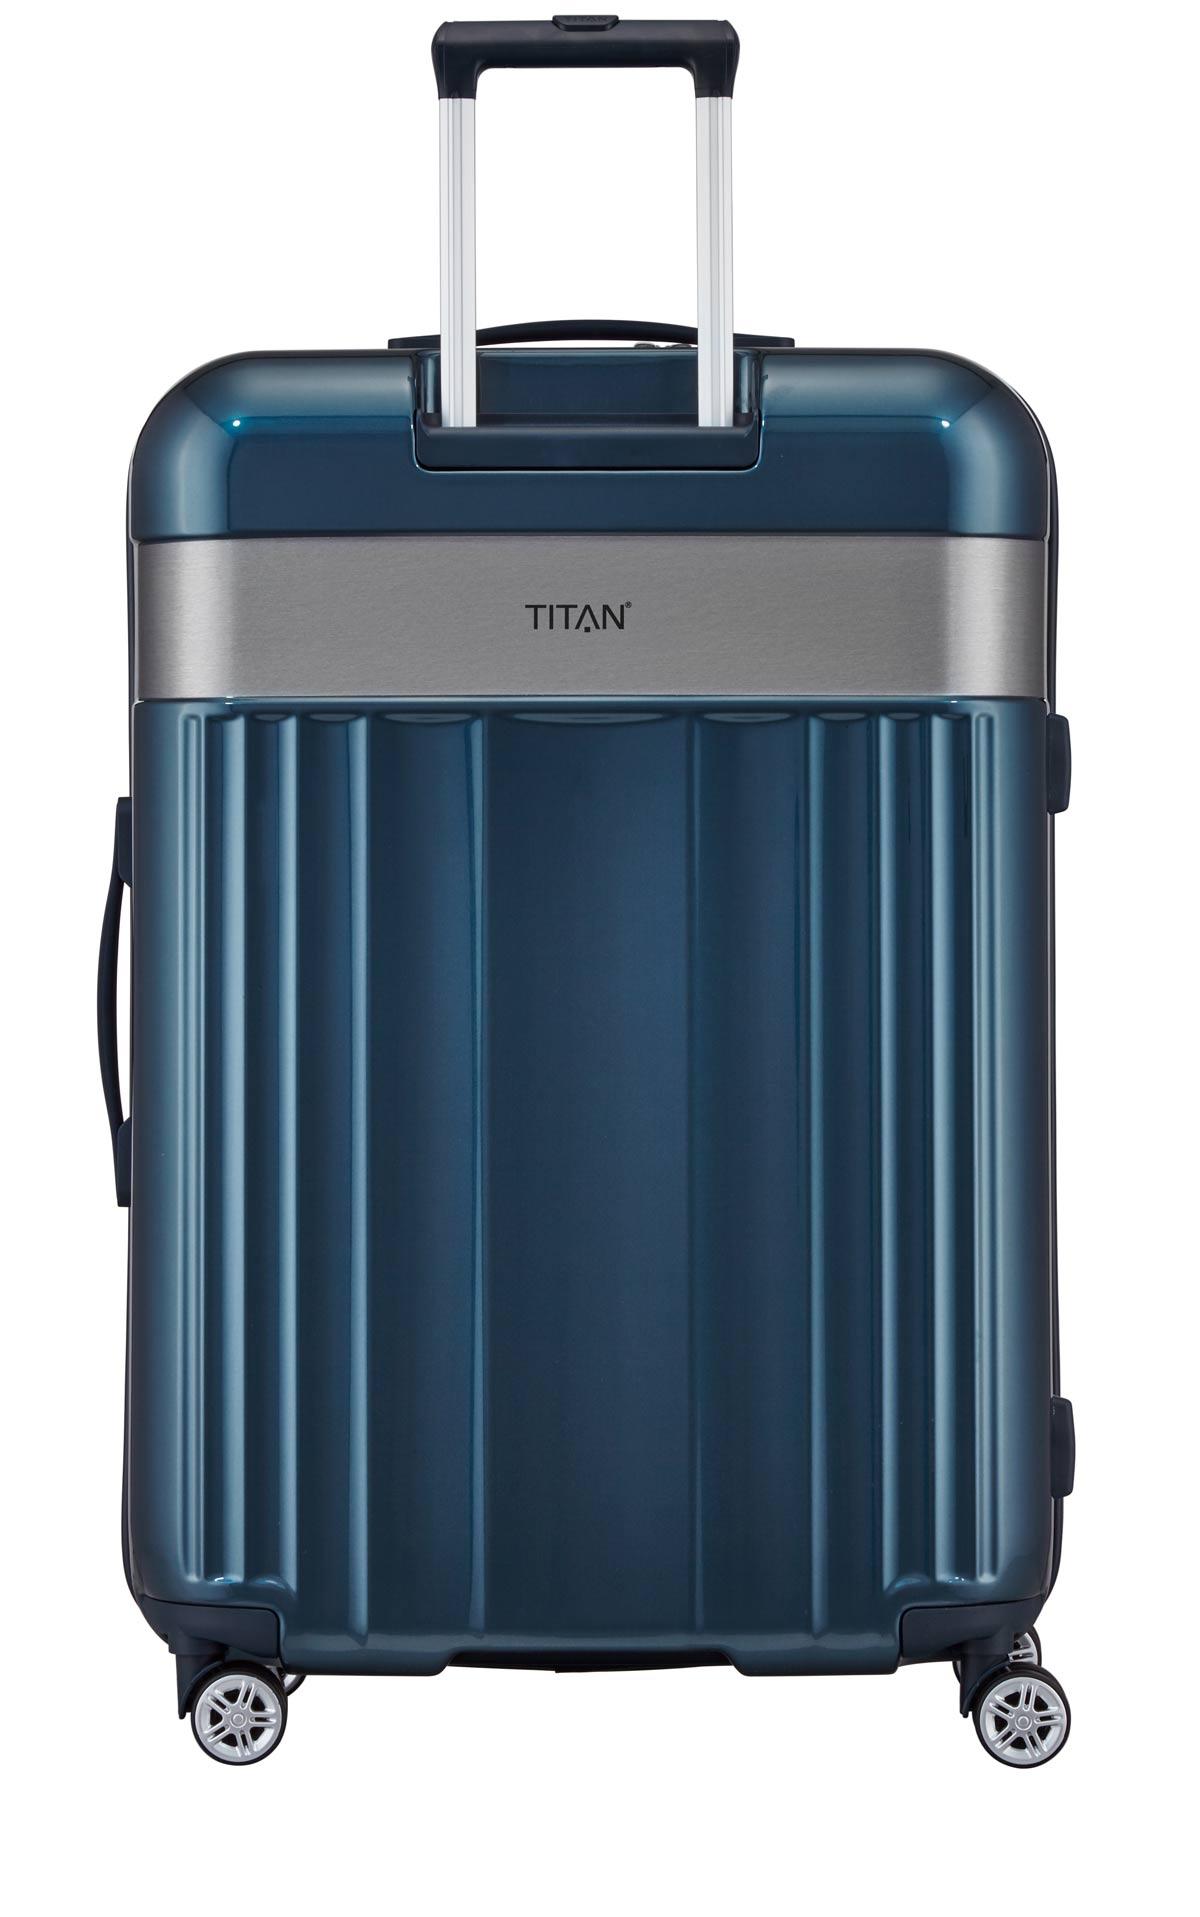 Titan SPOTLIGHT FLASH Trolley L 4w north sea ANTM Edition